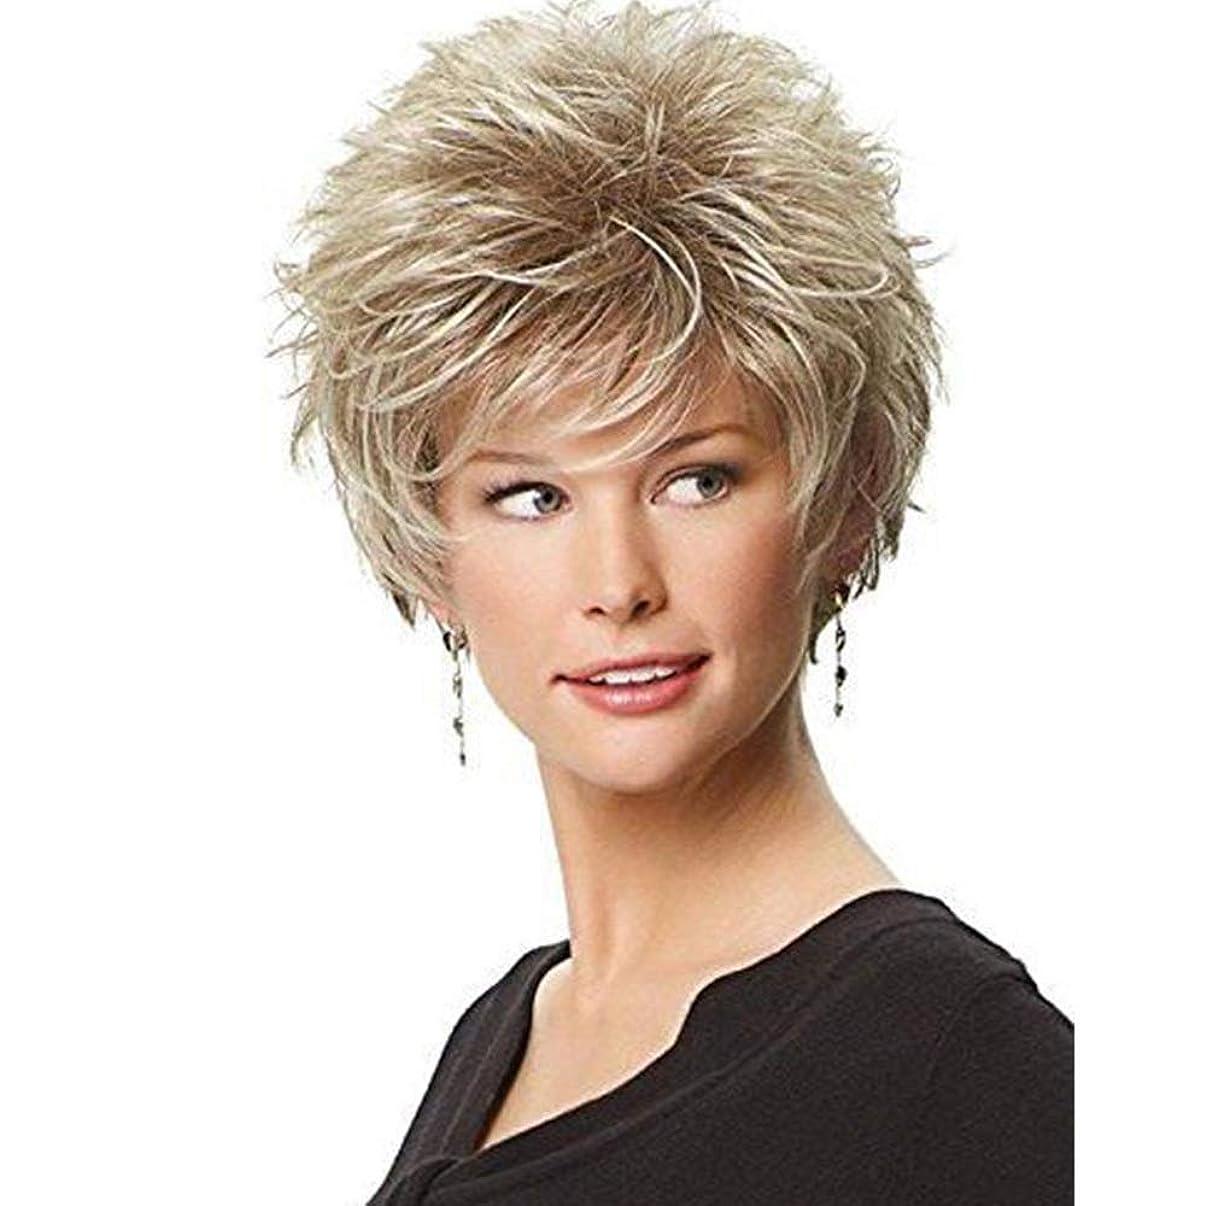 ウィンクスポンジ段落WASAIO ブロンドのかつらファッションヘアスタイリングふわふわの短い巻き毛のかつら (色 : Blonde)